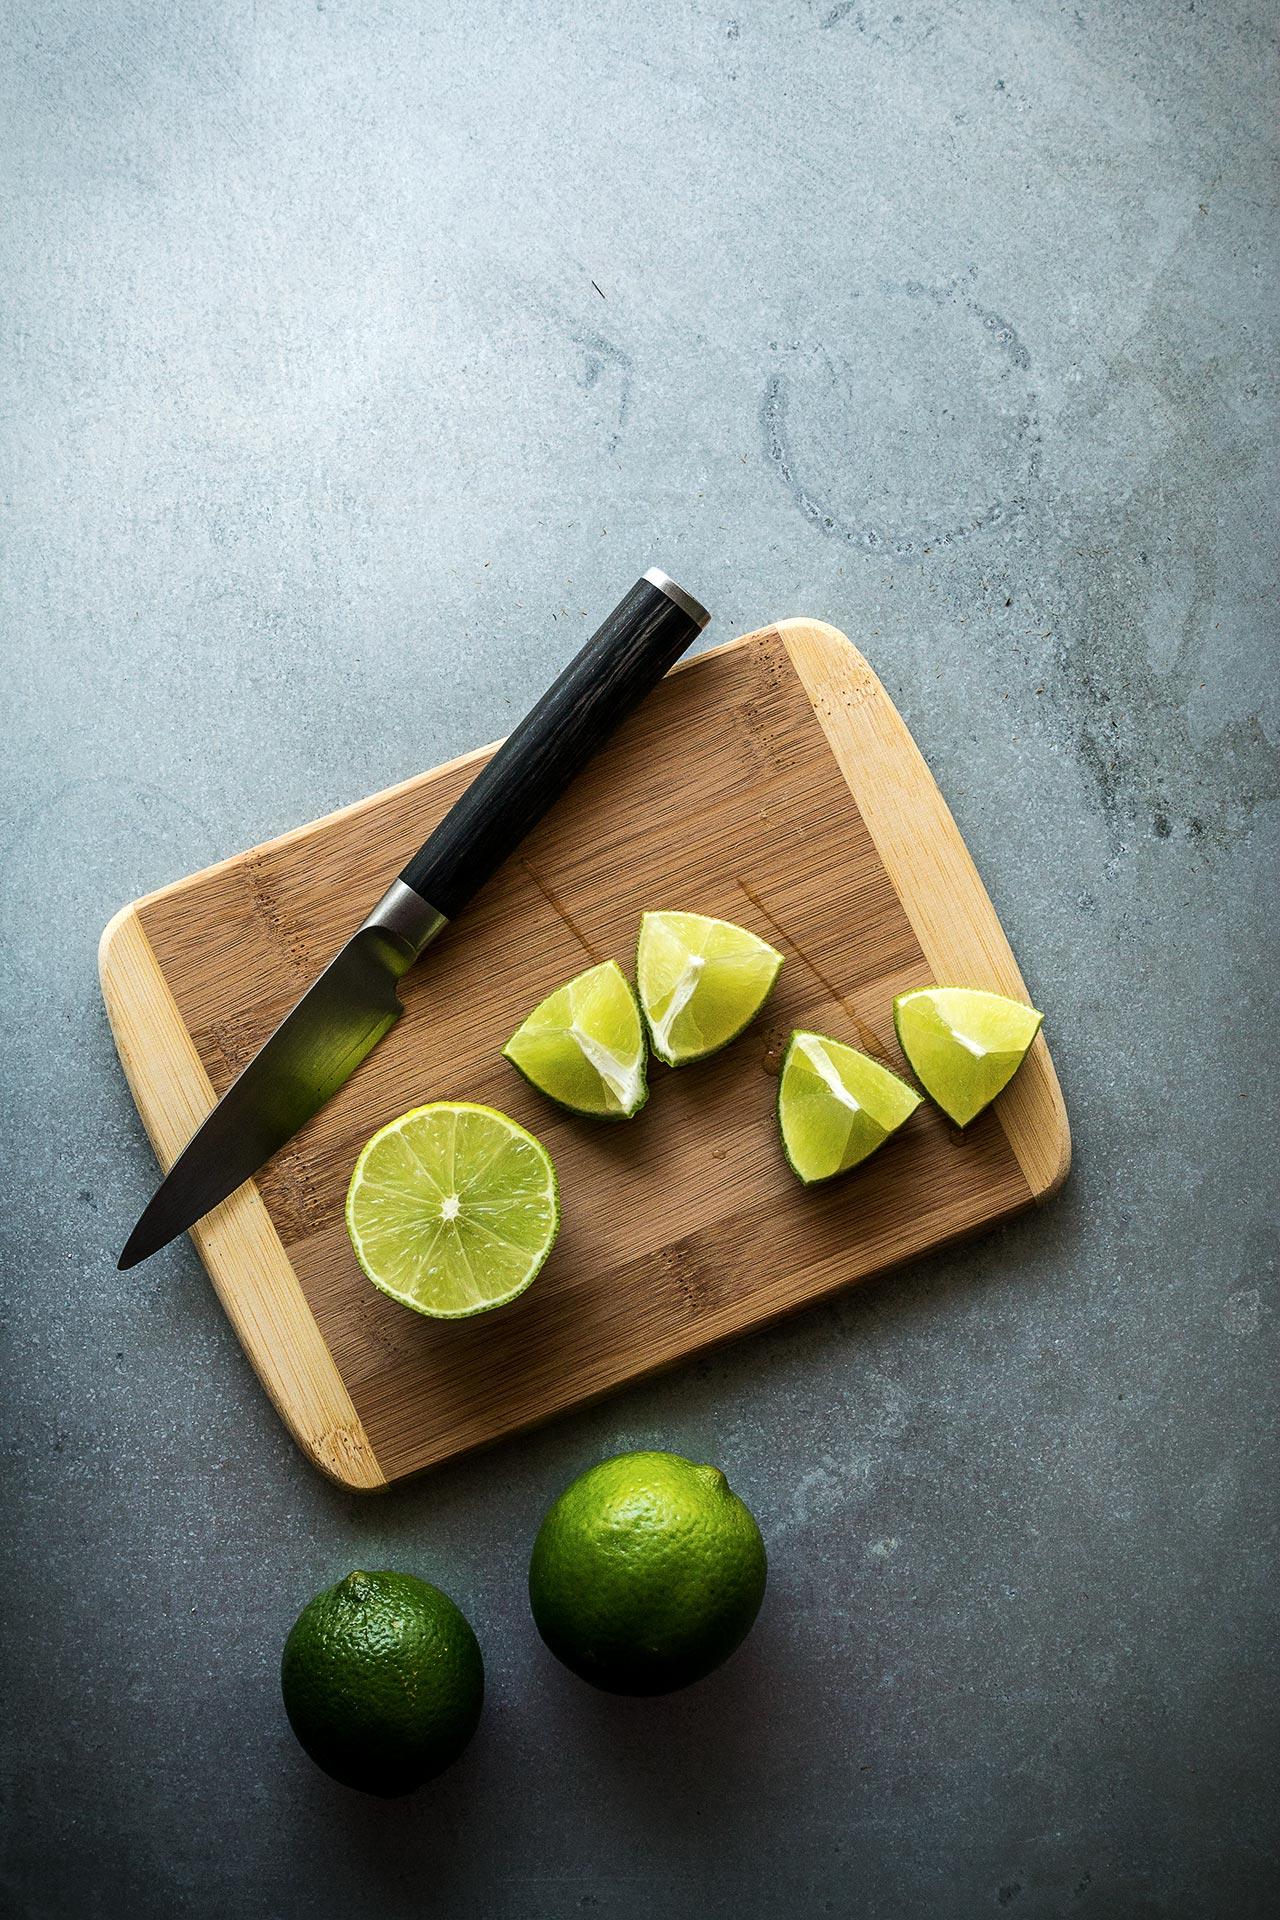 Limes | HonestlyYUM